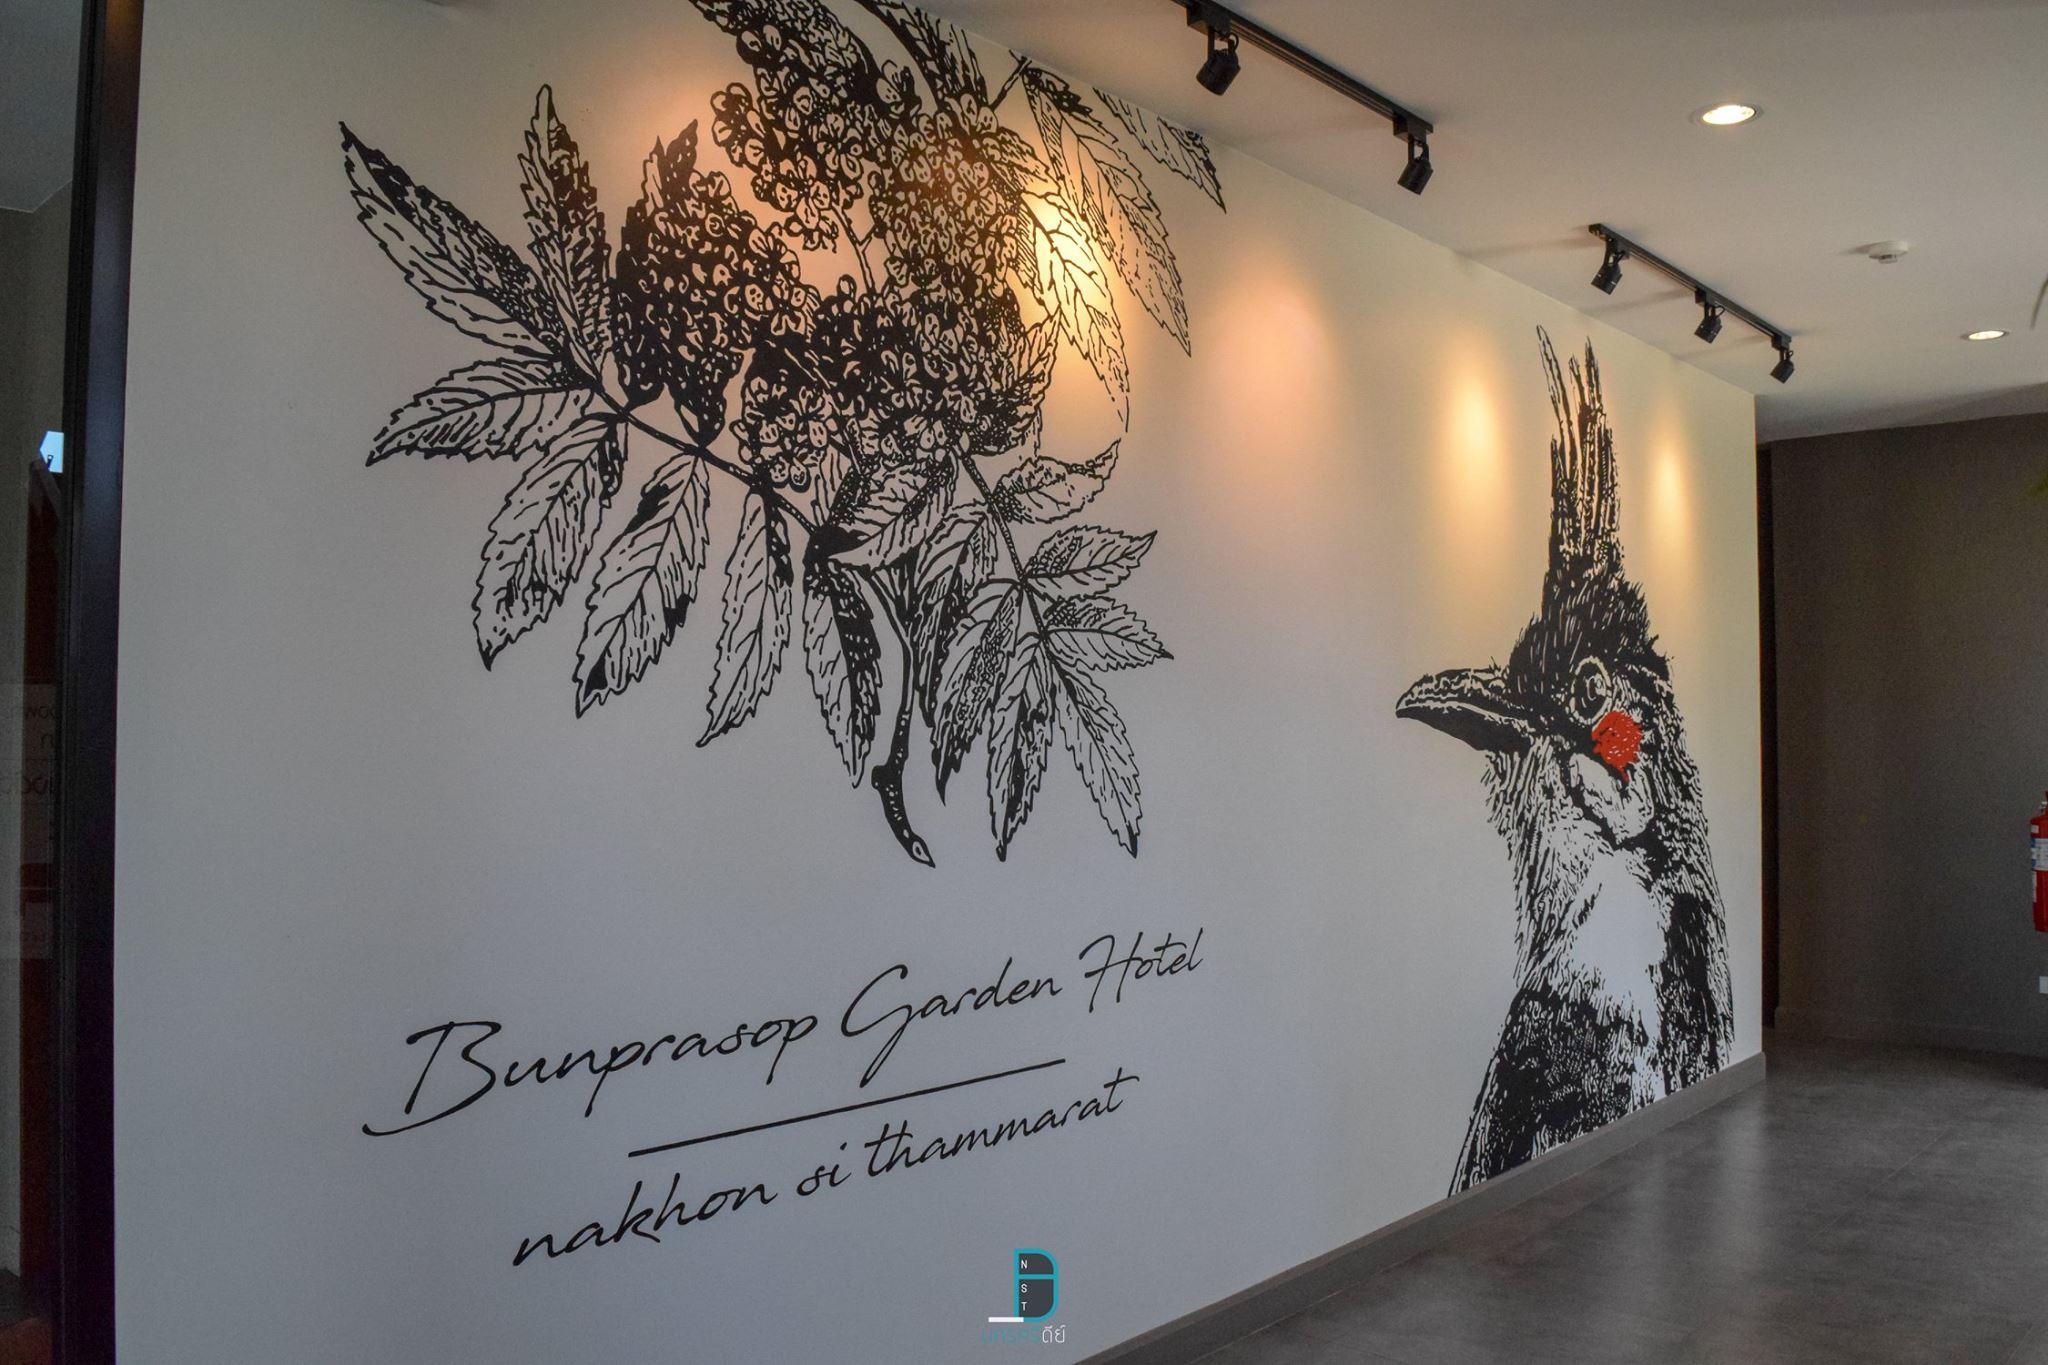 โรงแรมบุญประสพ Bunprasop Garden Hotel ที่พักสวยใหม่ ใจกลางเมืองนคร พร้อมคาเฟ่น่ารักๆนั่งชิวๆ นครศรีดีย์